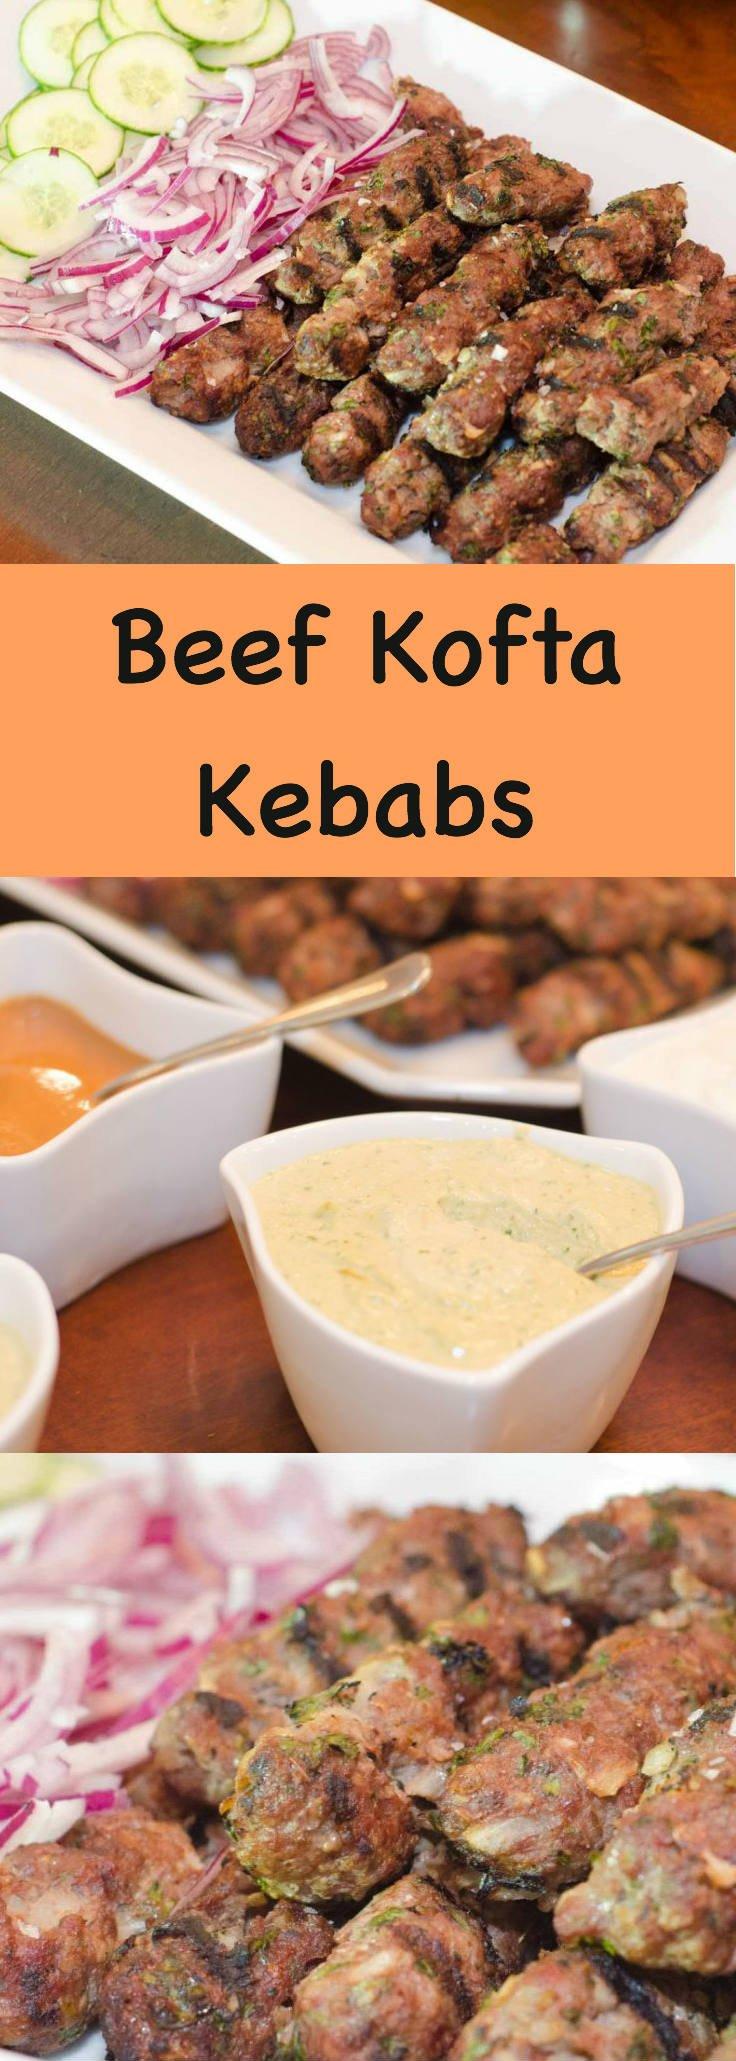 Beef Kofta Kebabs